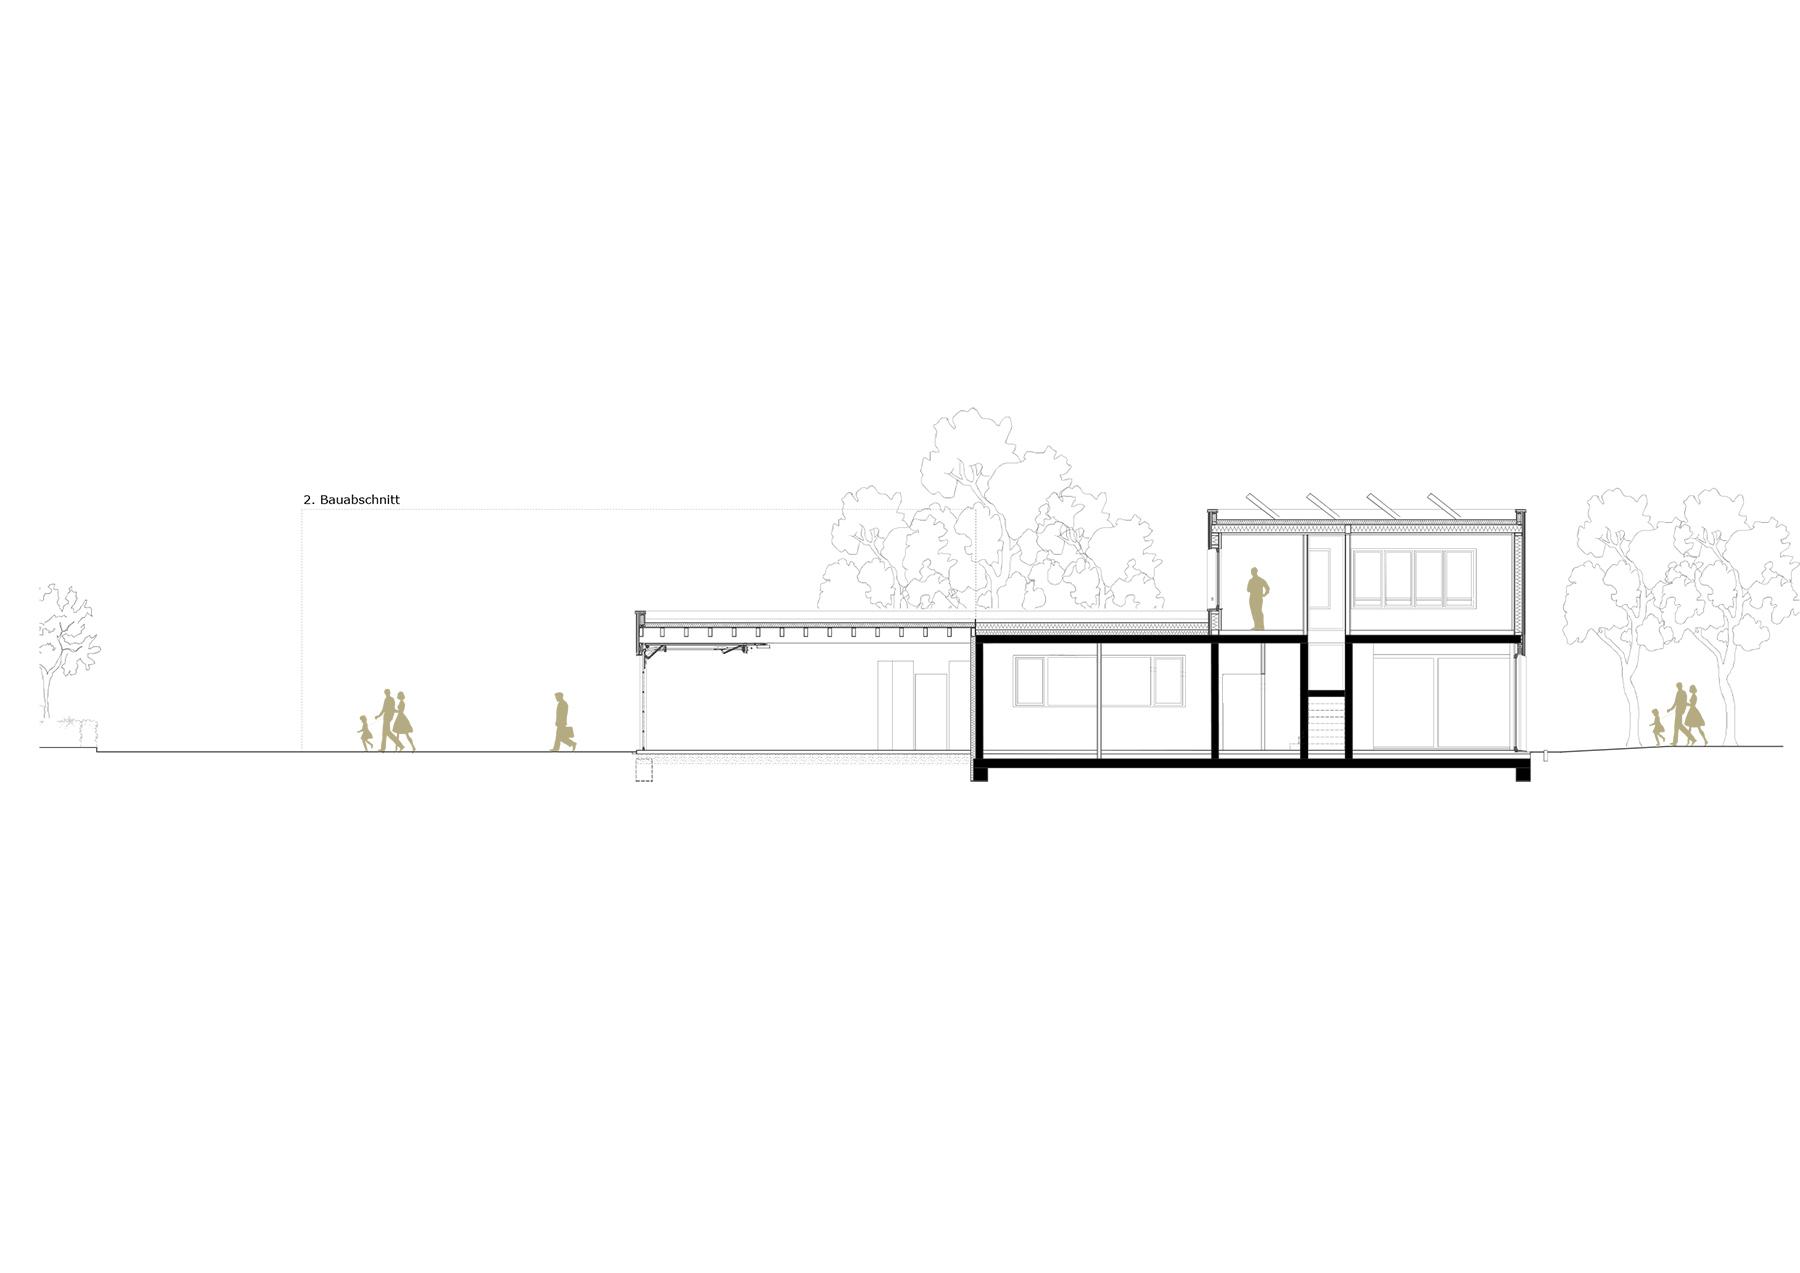 Passivhaus in Hybridbauweise | Wilkin & Hanrath Bauphasen